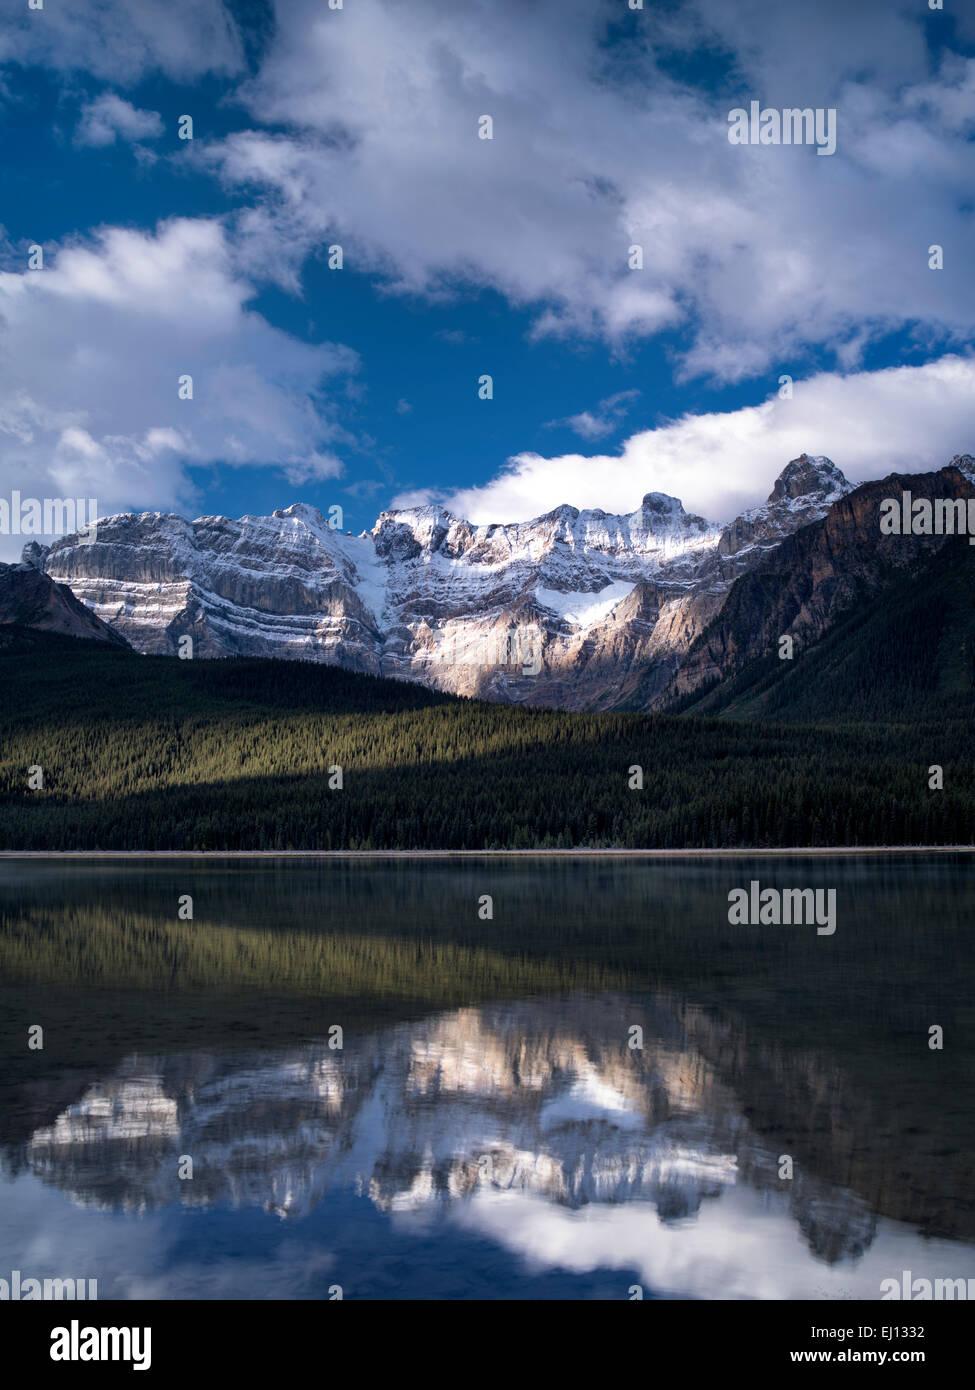 Lacs et montagnes de la sauvagine avec reflets. Le parc national Banff, Alberta Canada. Photo Stock